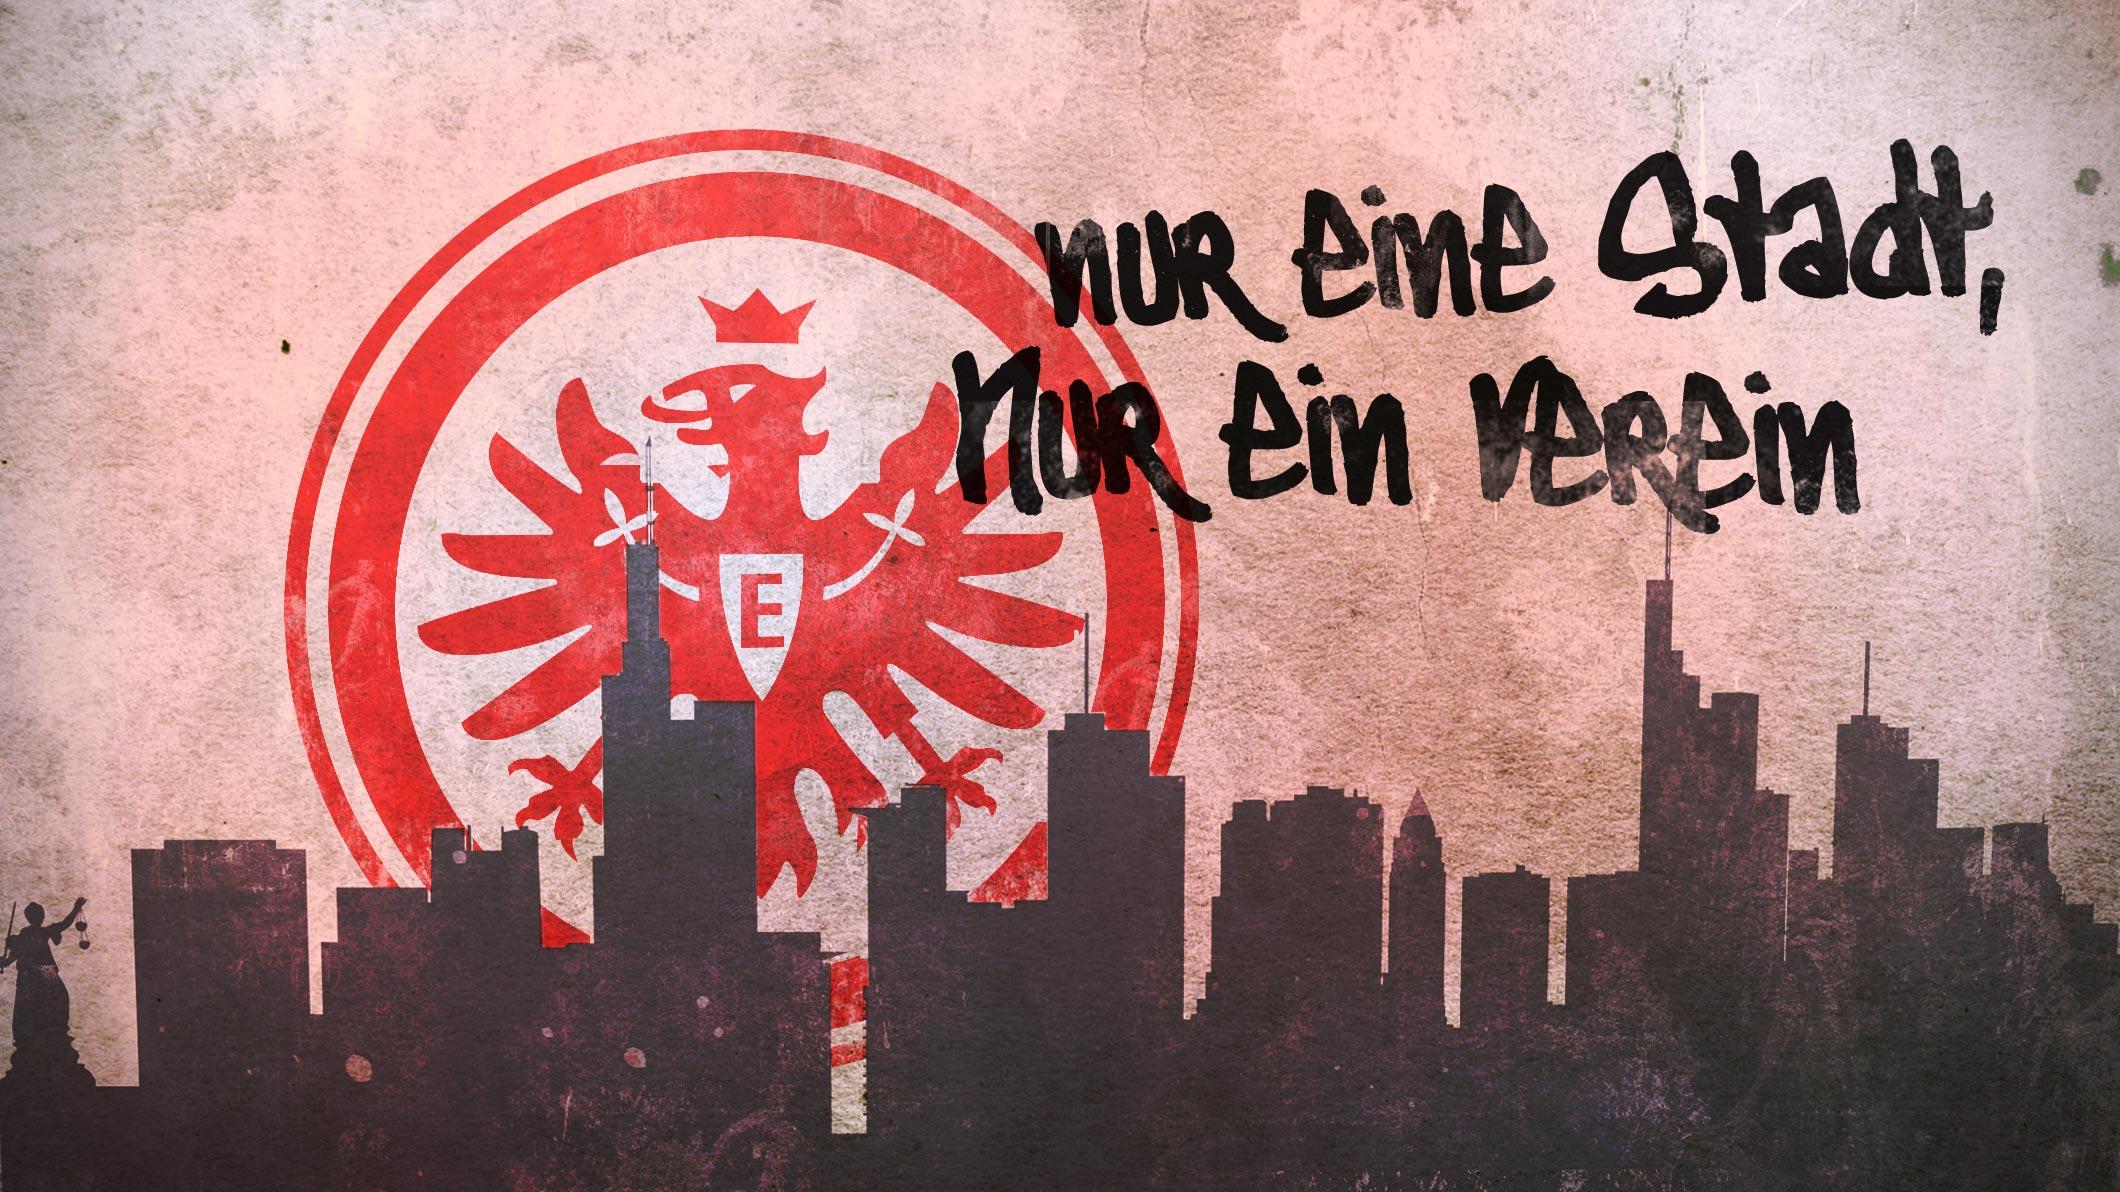 Eintracht Fran